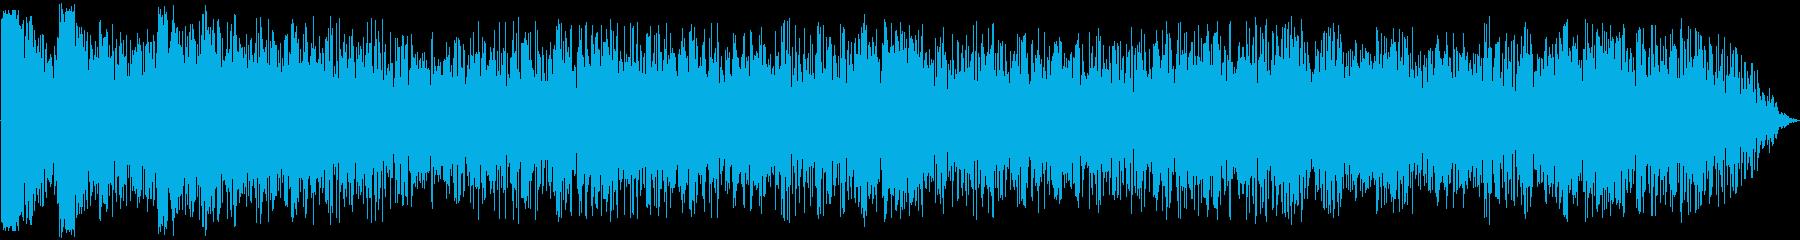 大型車の爆発と爆発爆発と爆弾の再生済みの波形